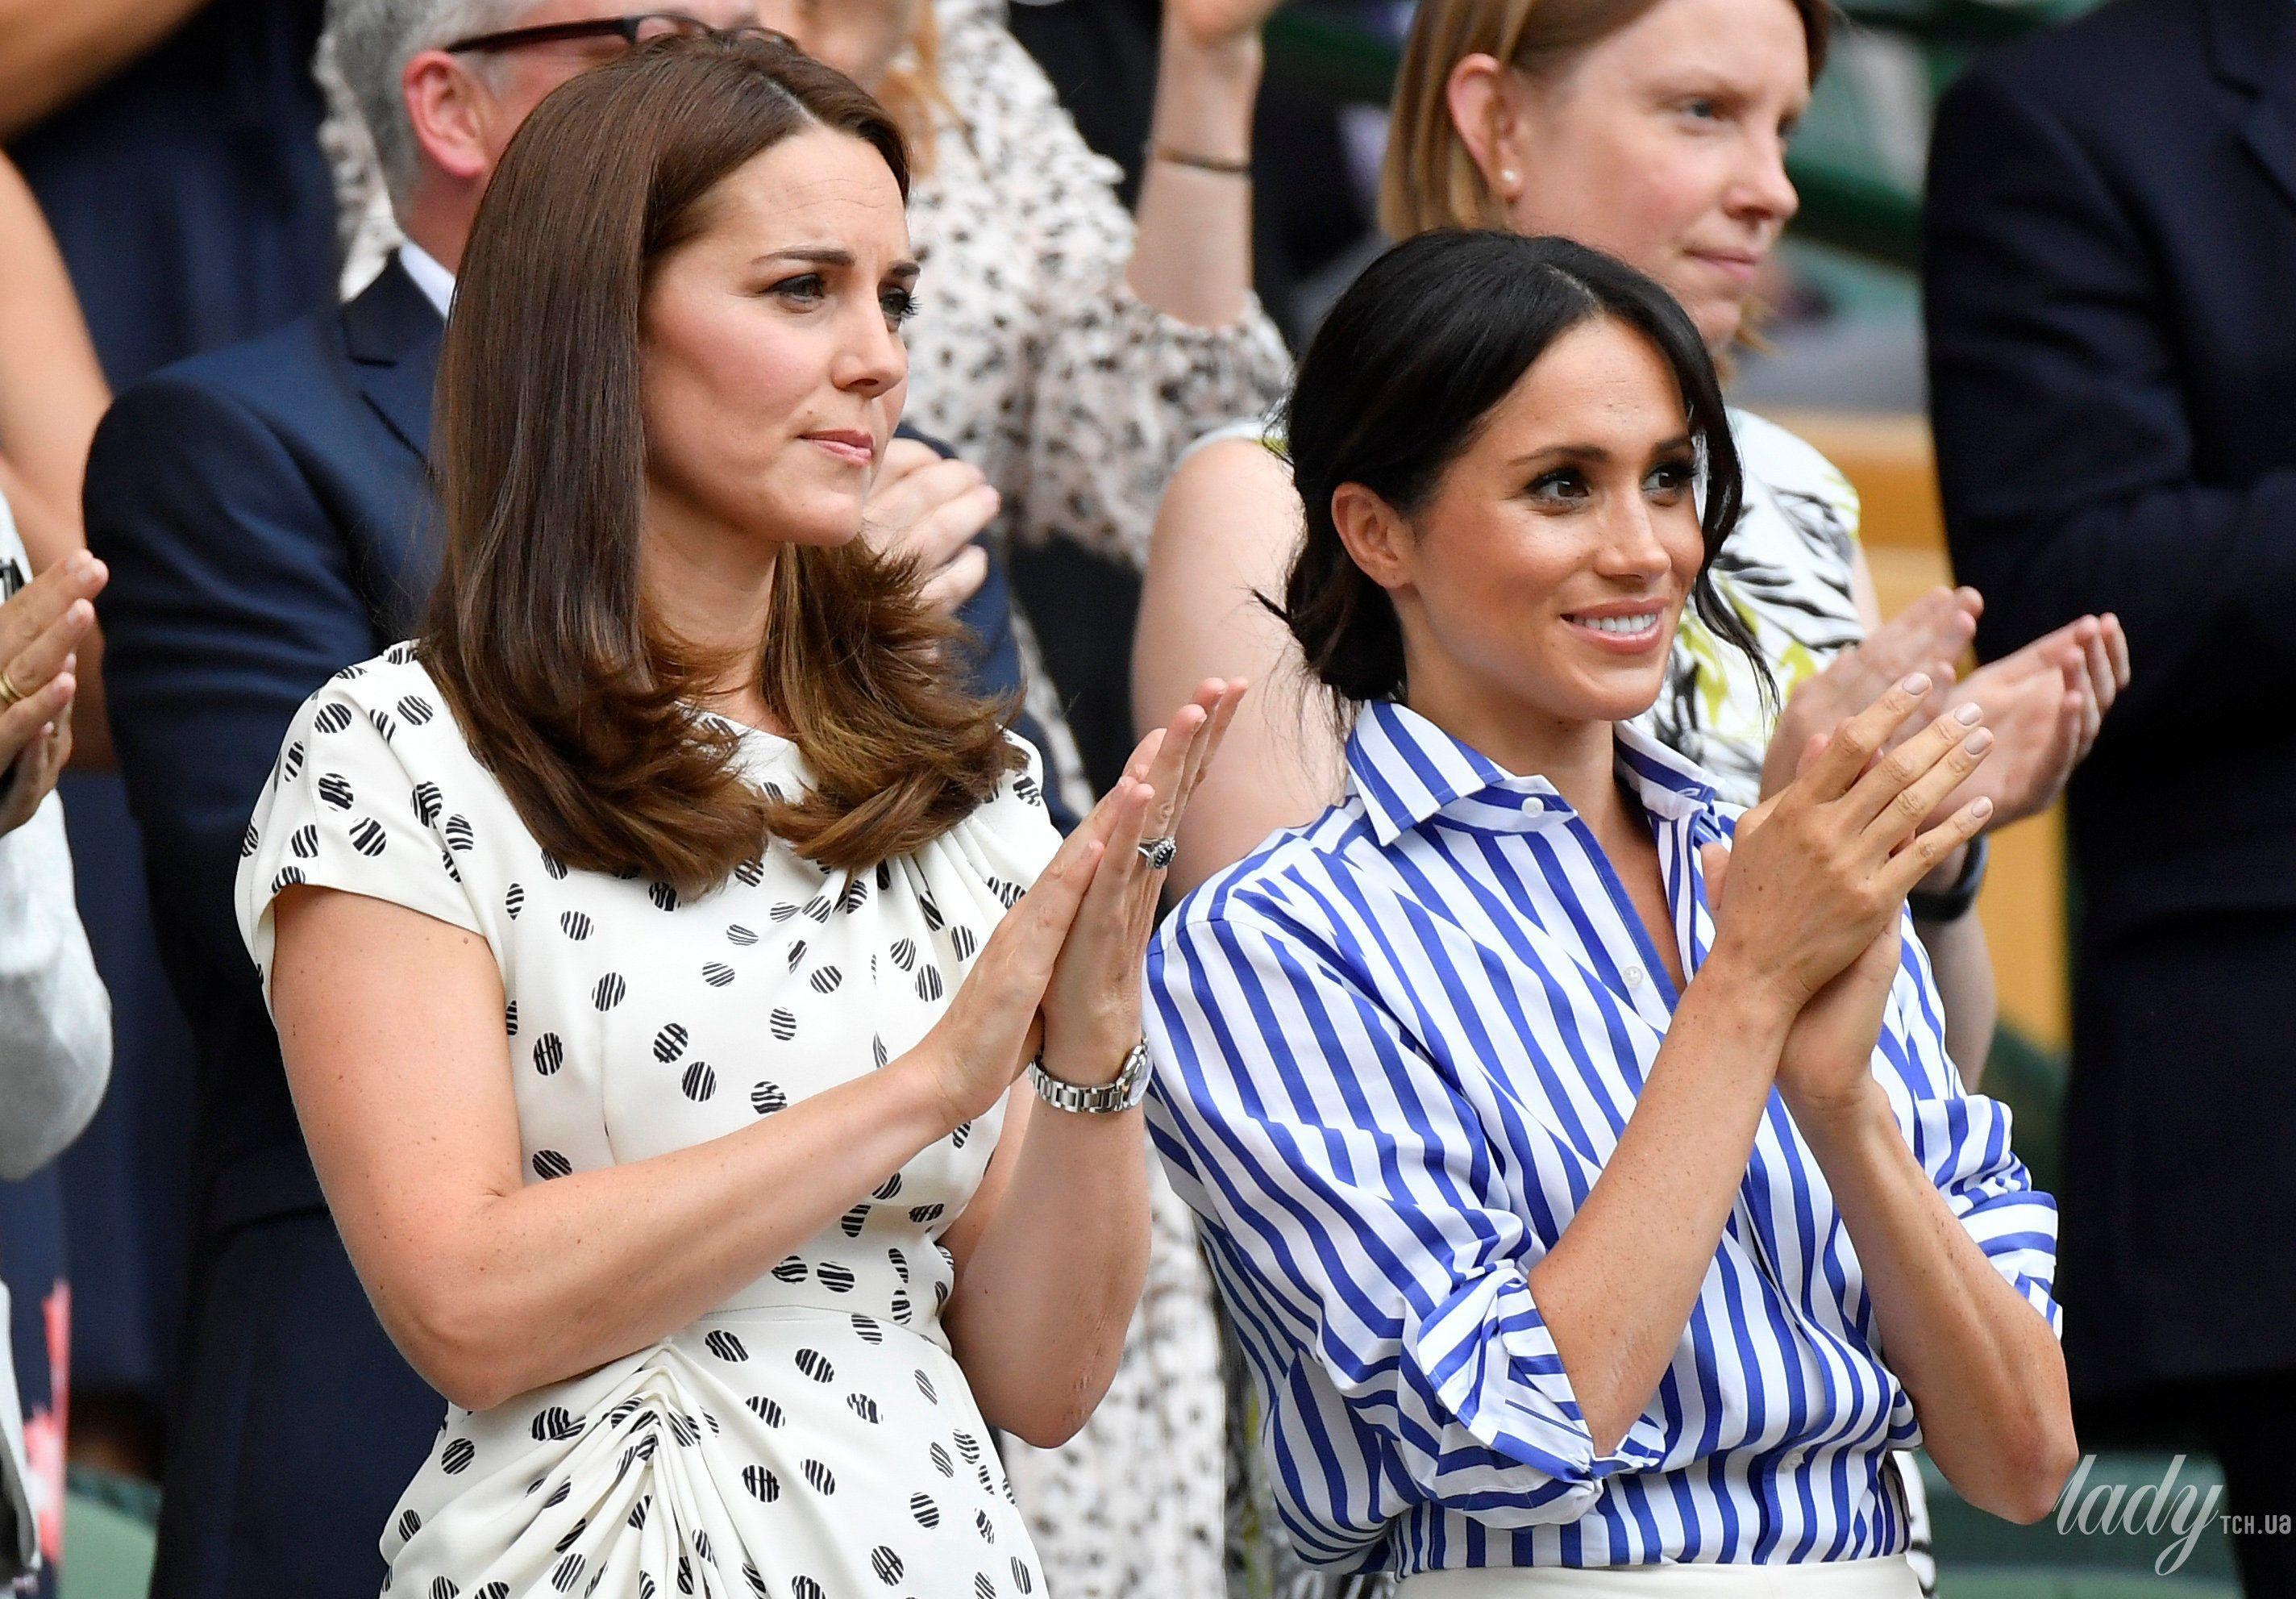 Герцогиня Кембриджская и герцогиня Сассекская_9